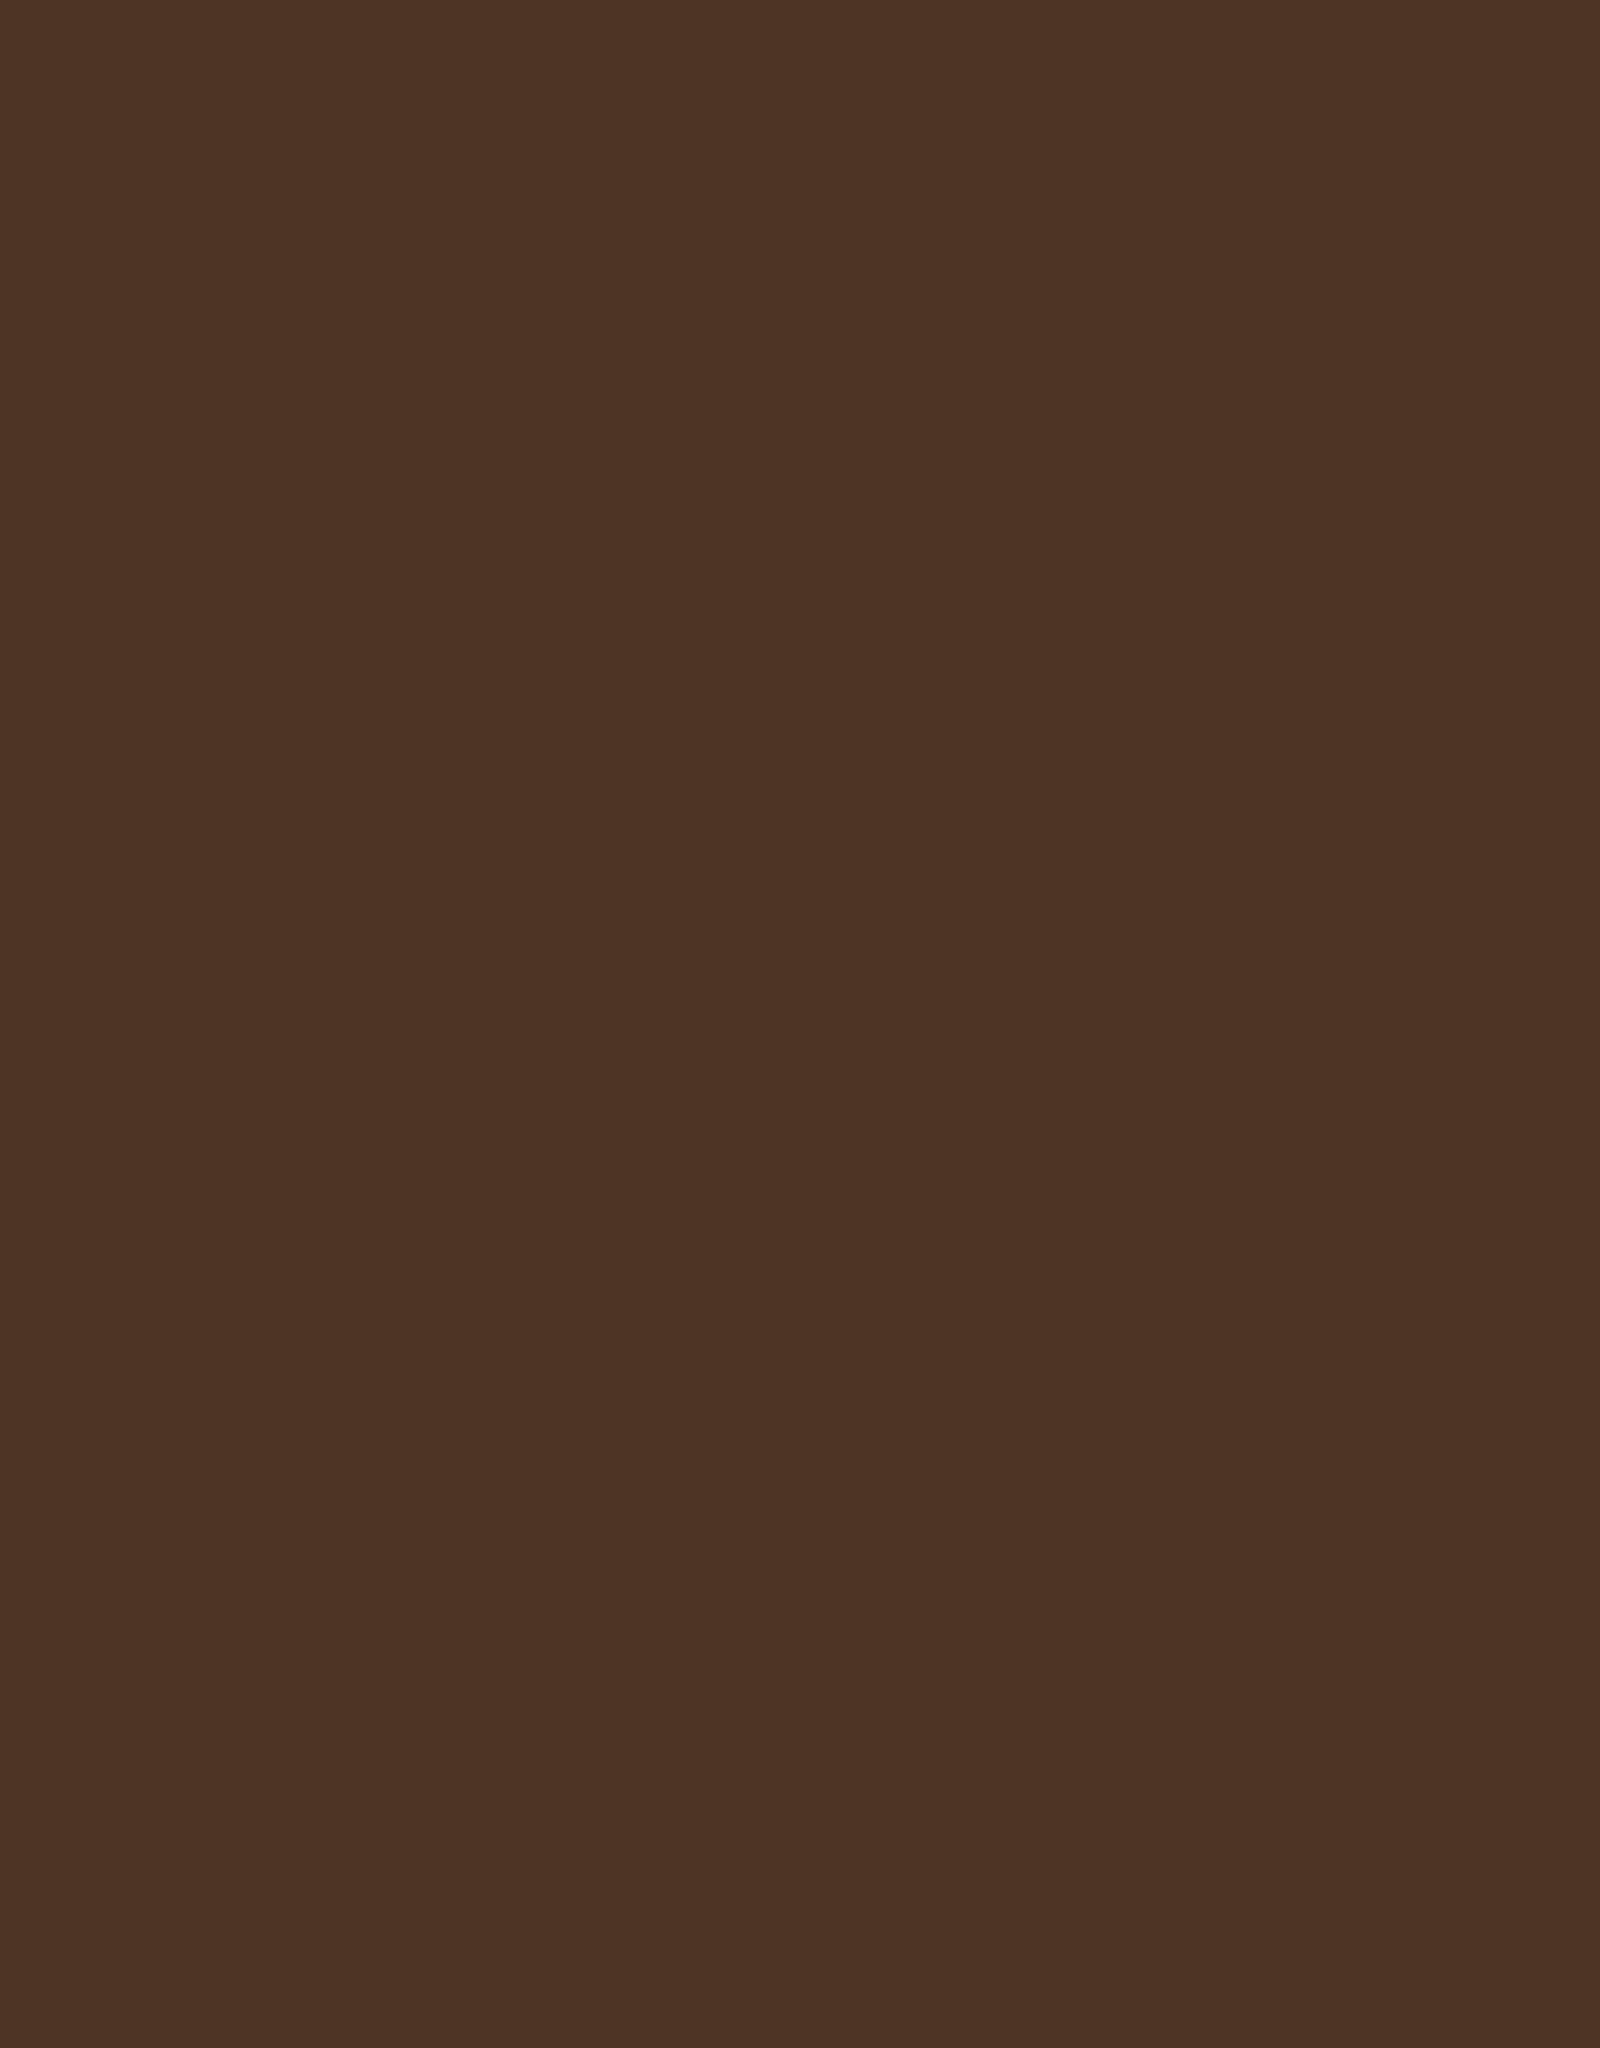 Trapsuutjies Dark Brown Large